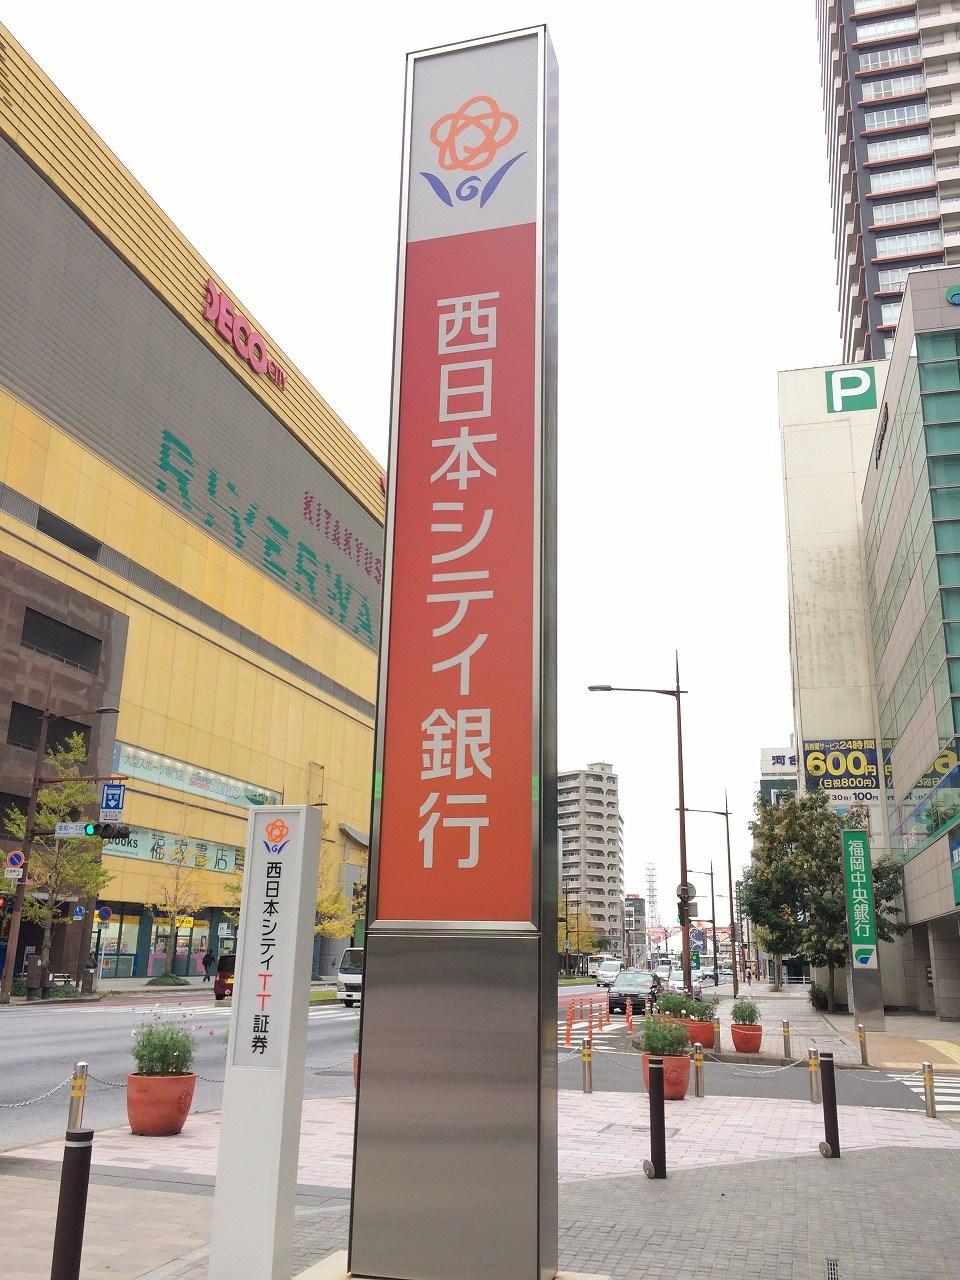 銀行:西日本シティ銀行 サンリブ木屋瀬店 15m